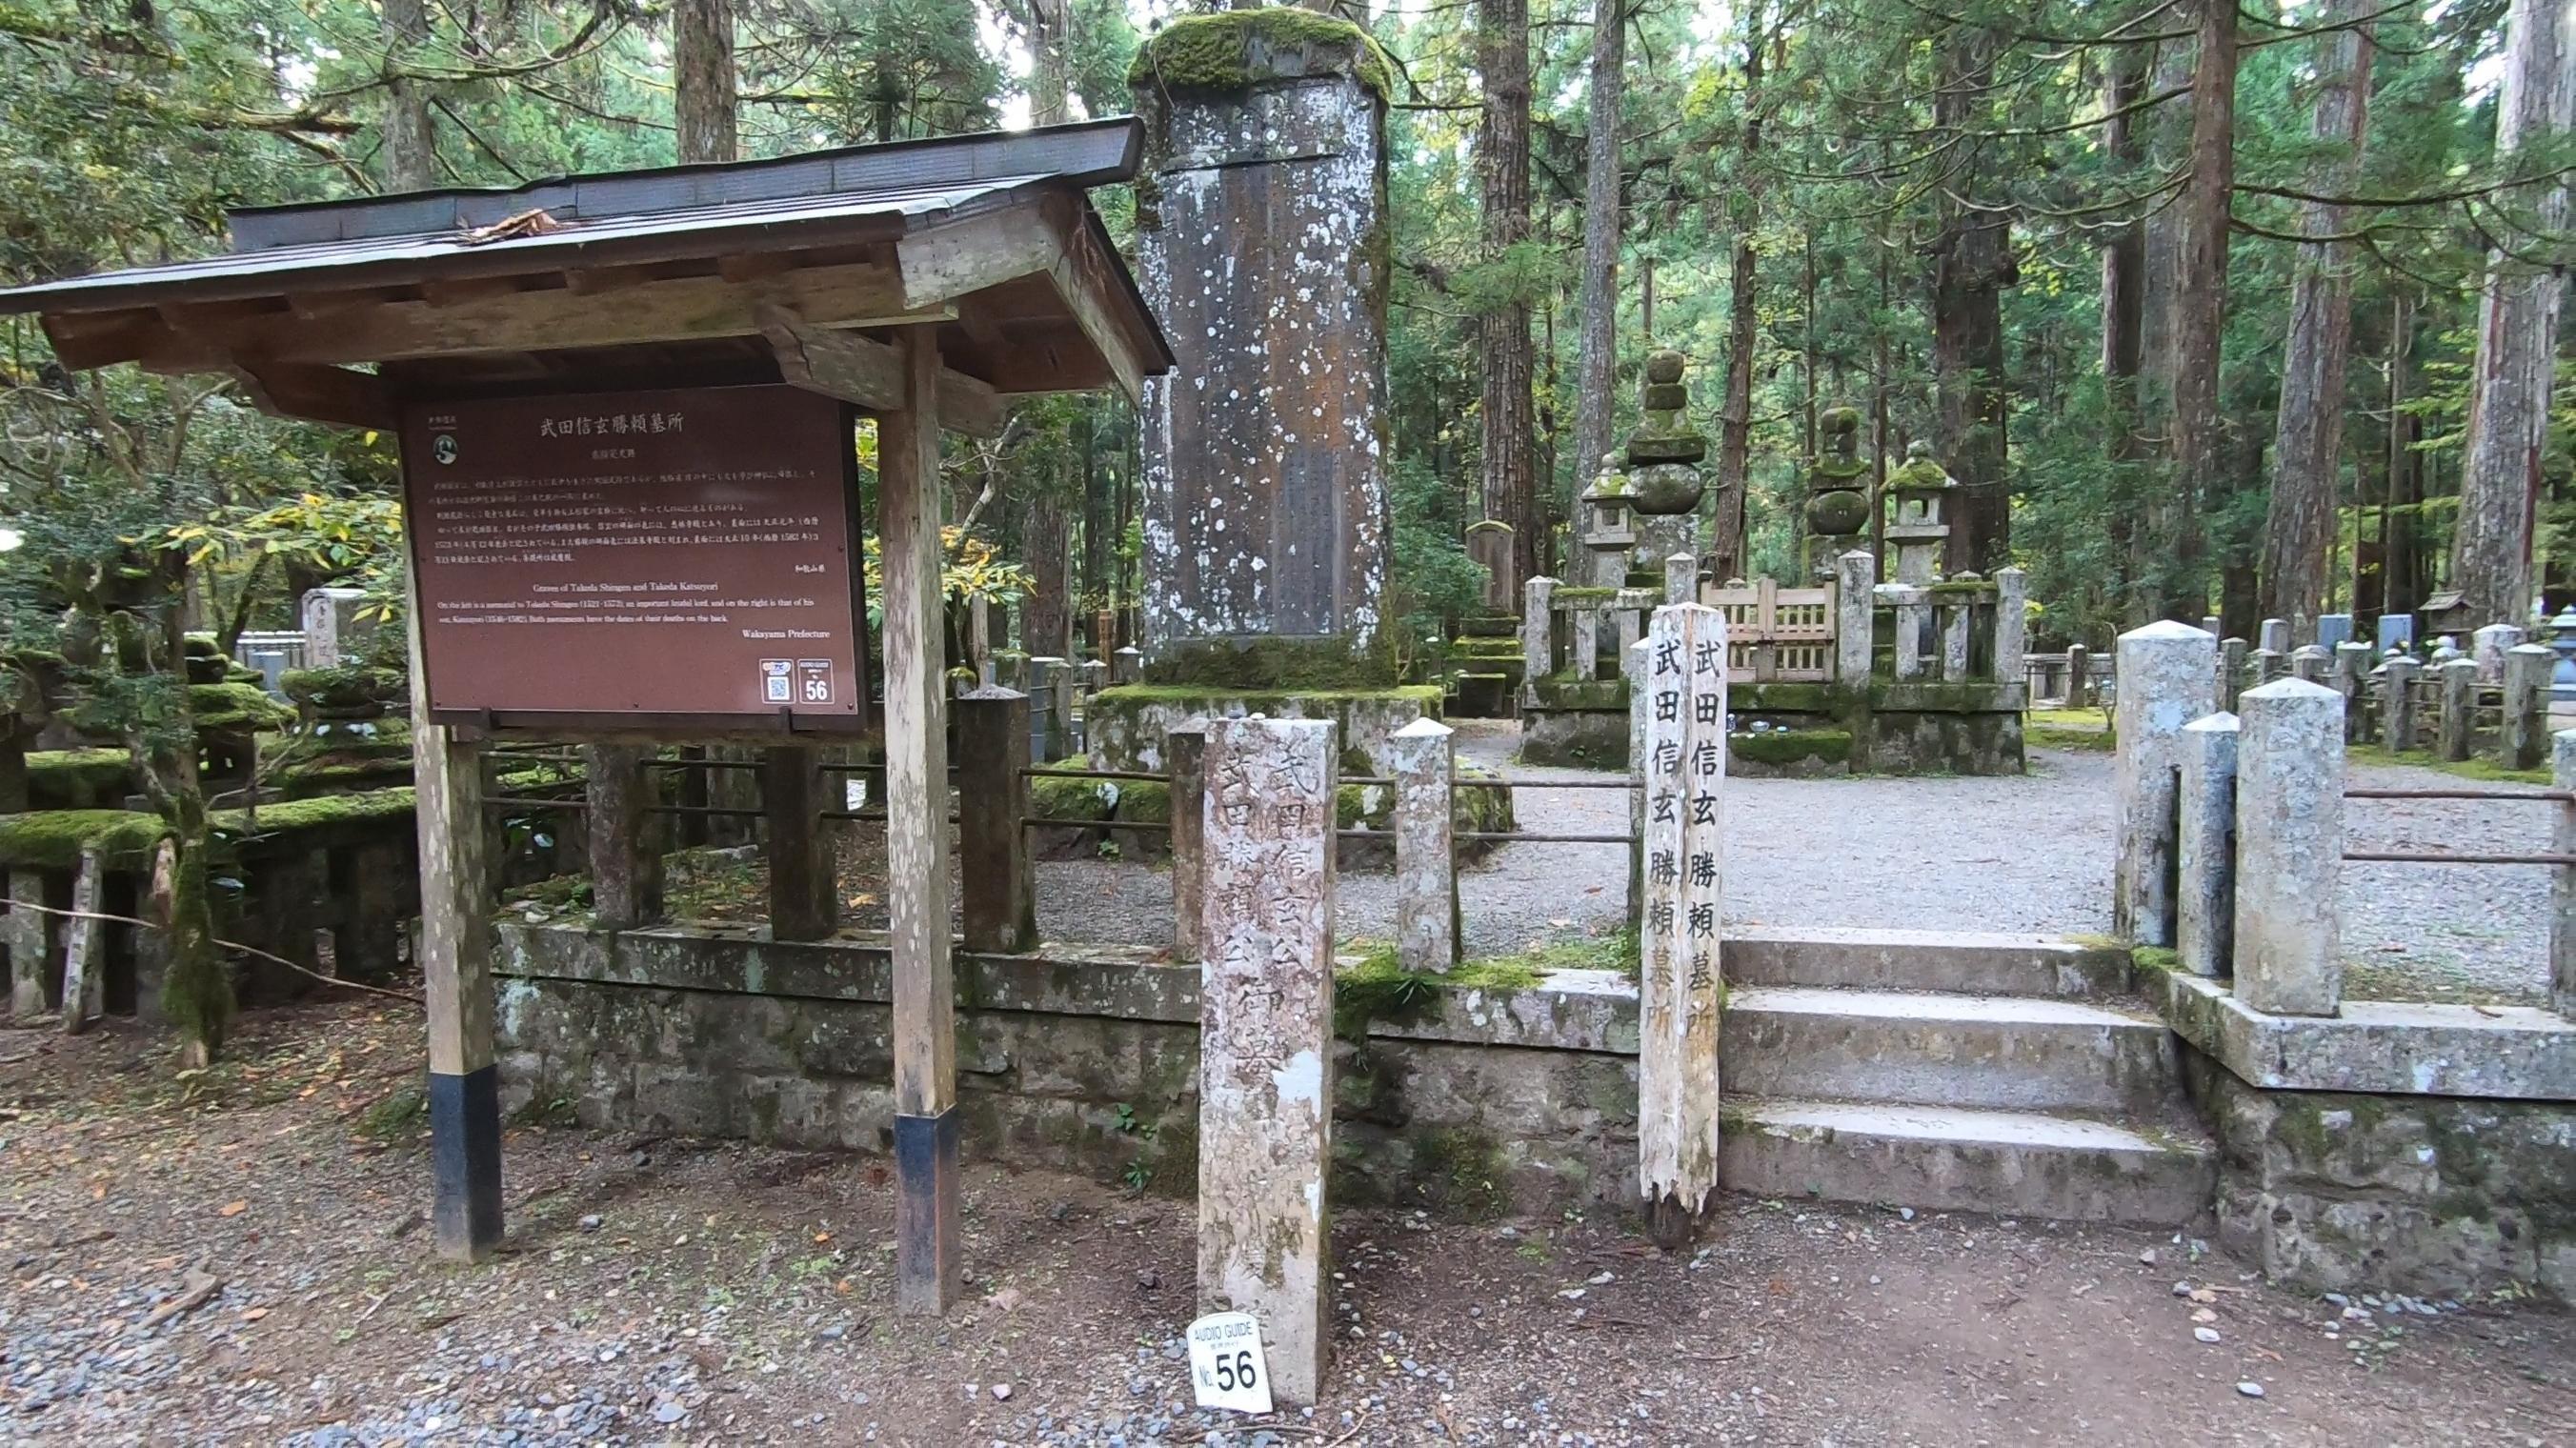 GH011865 関西でいち早く紅葉に染まる高野山へカメラ旅!